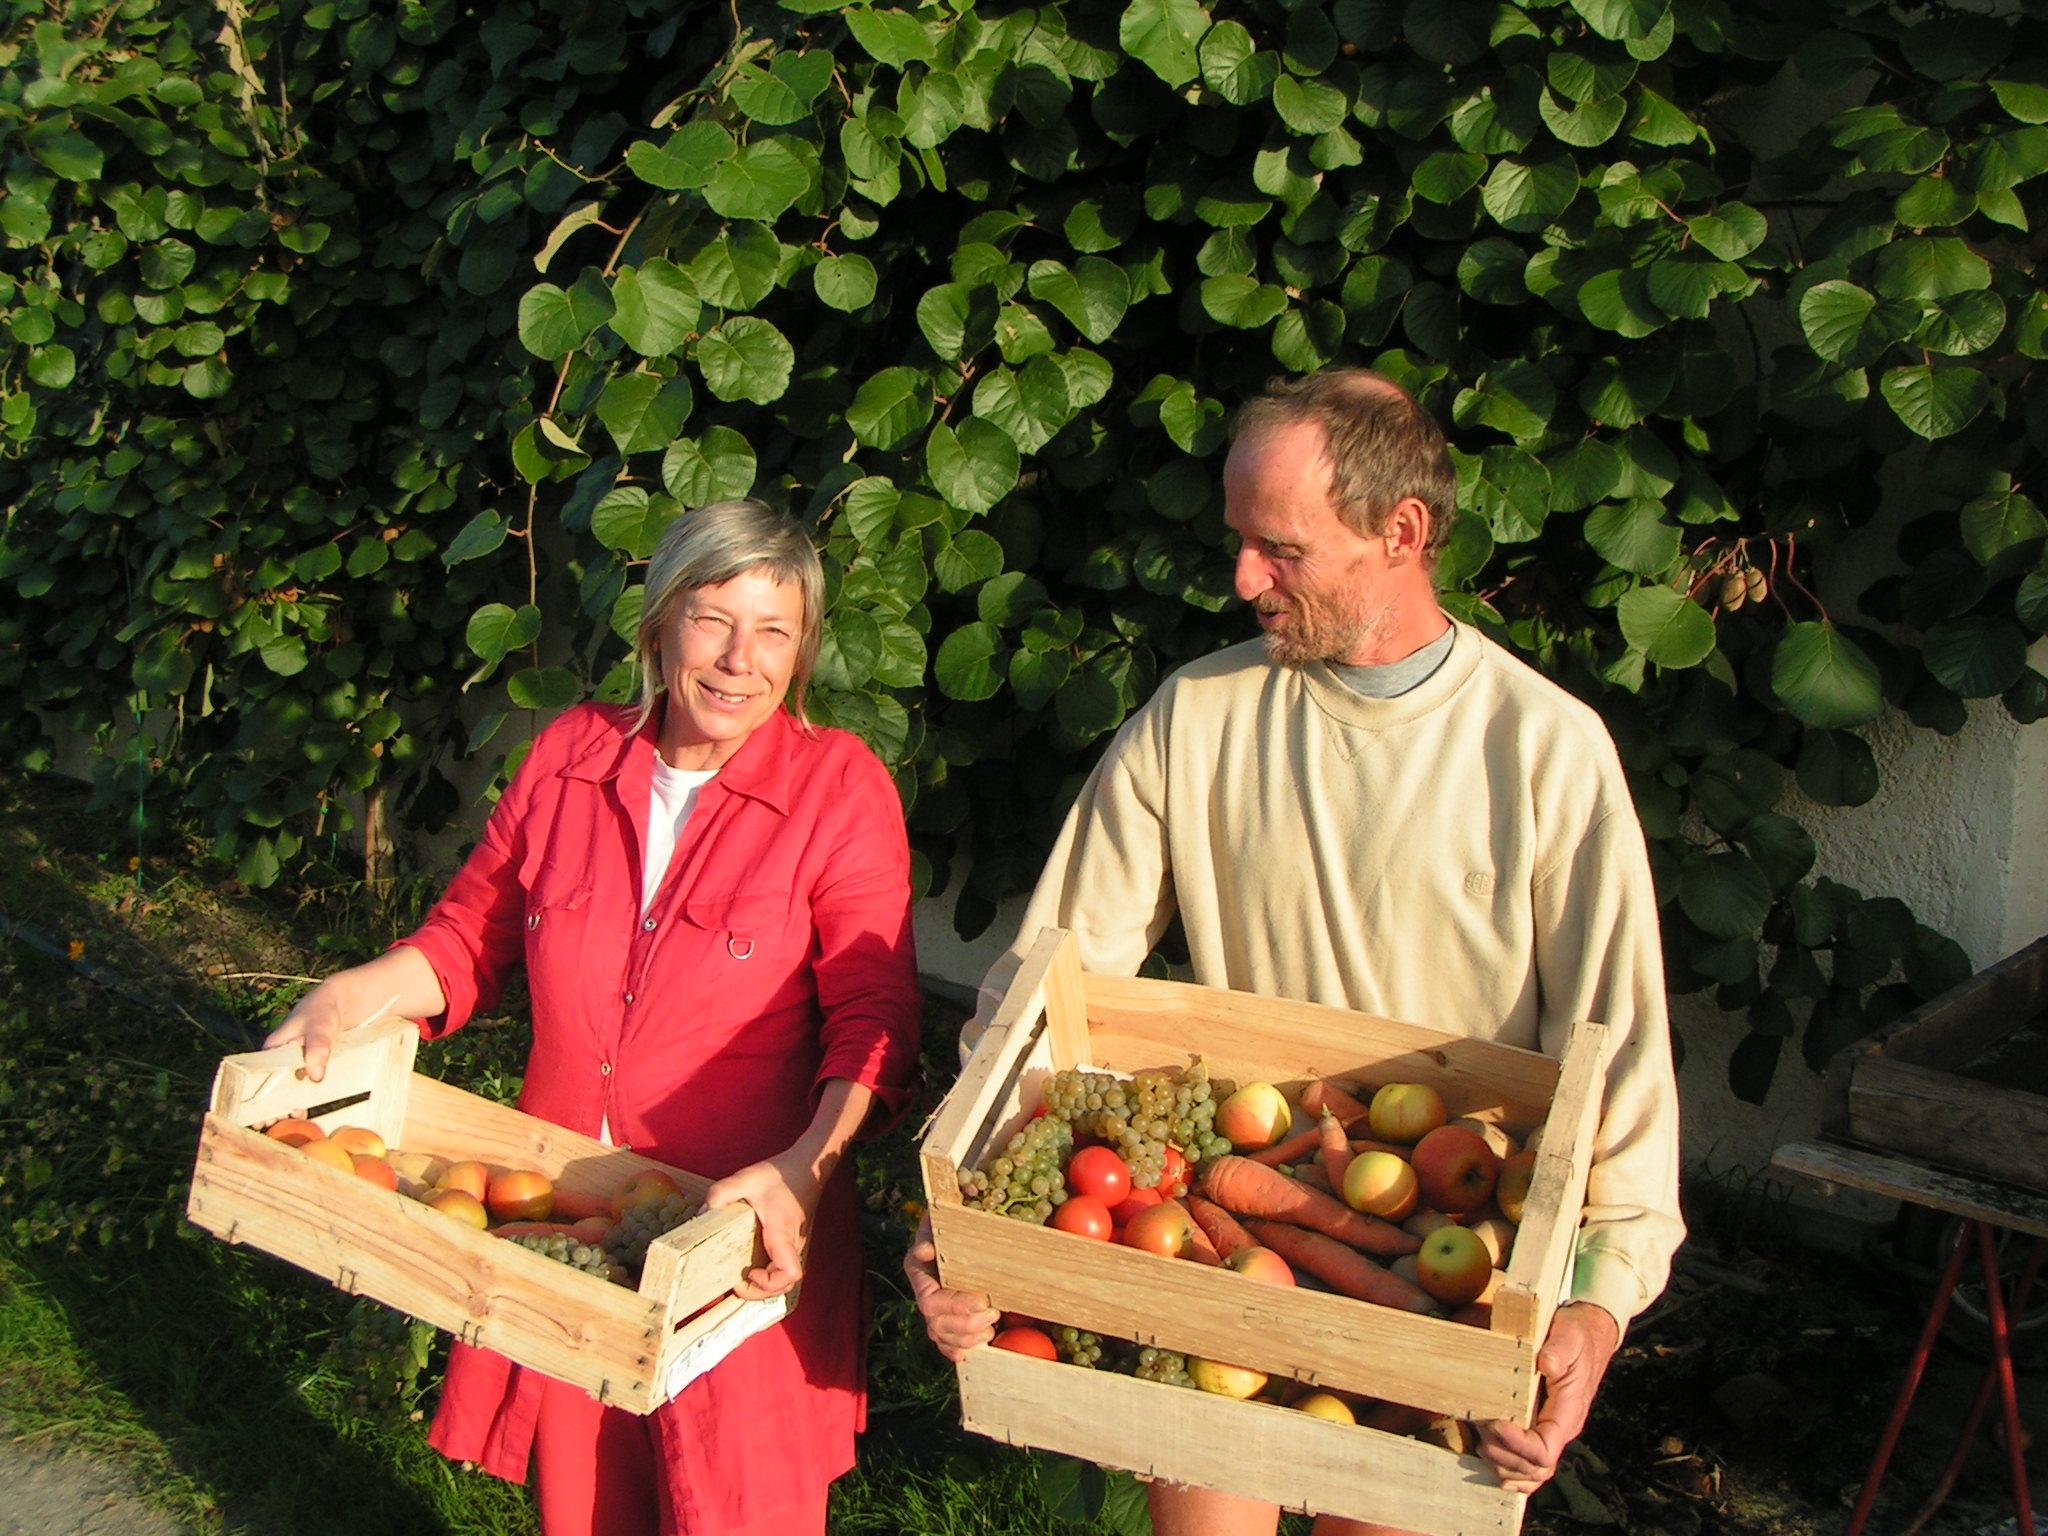 Cueillette et ramassage des légumes et fruits